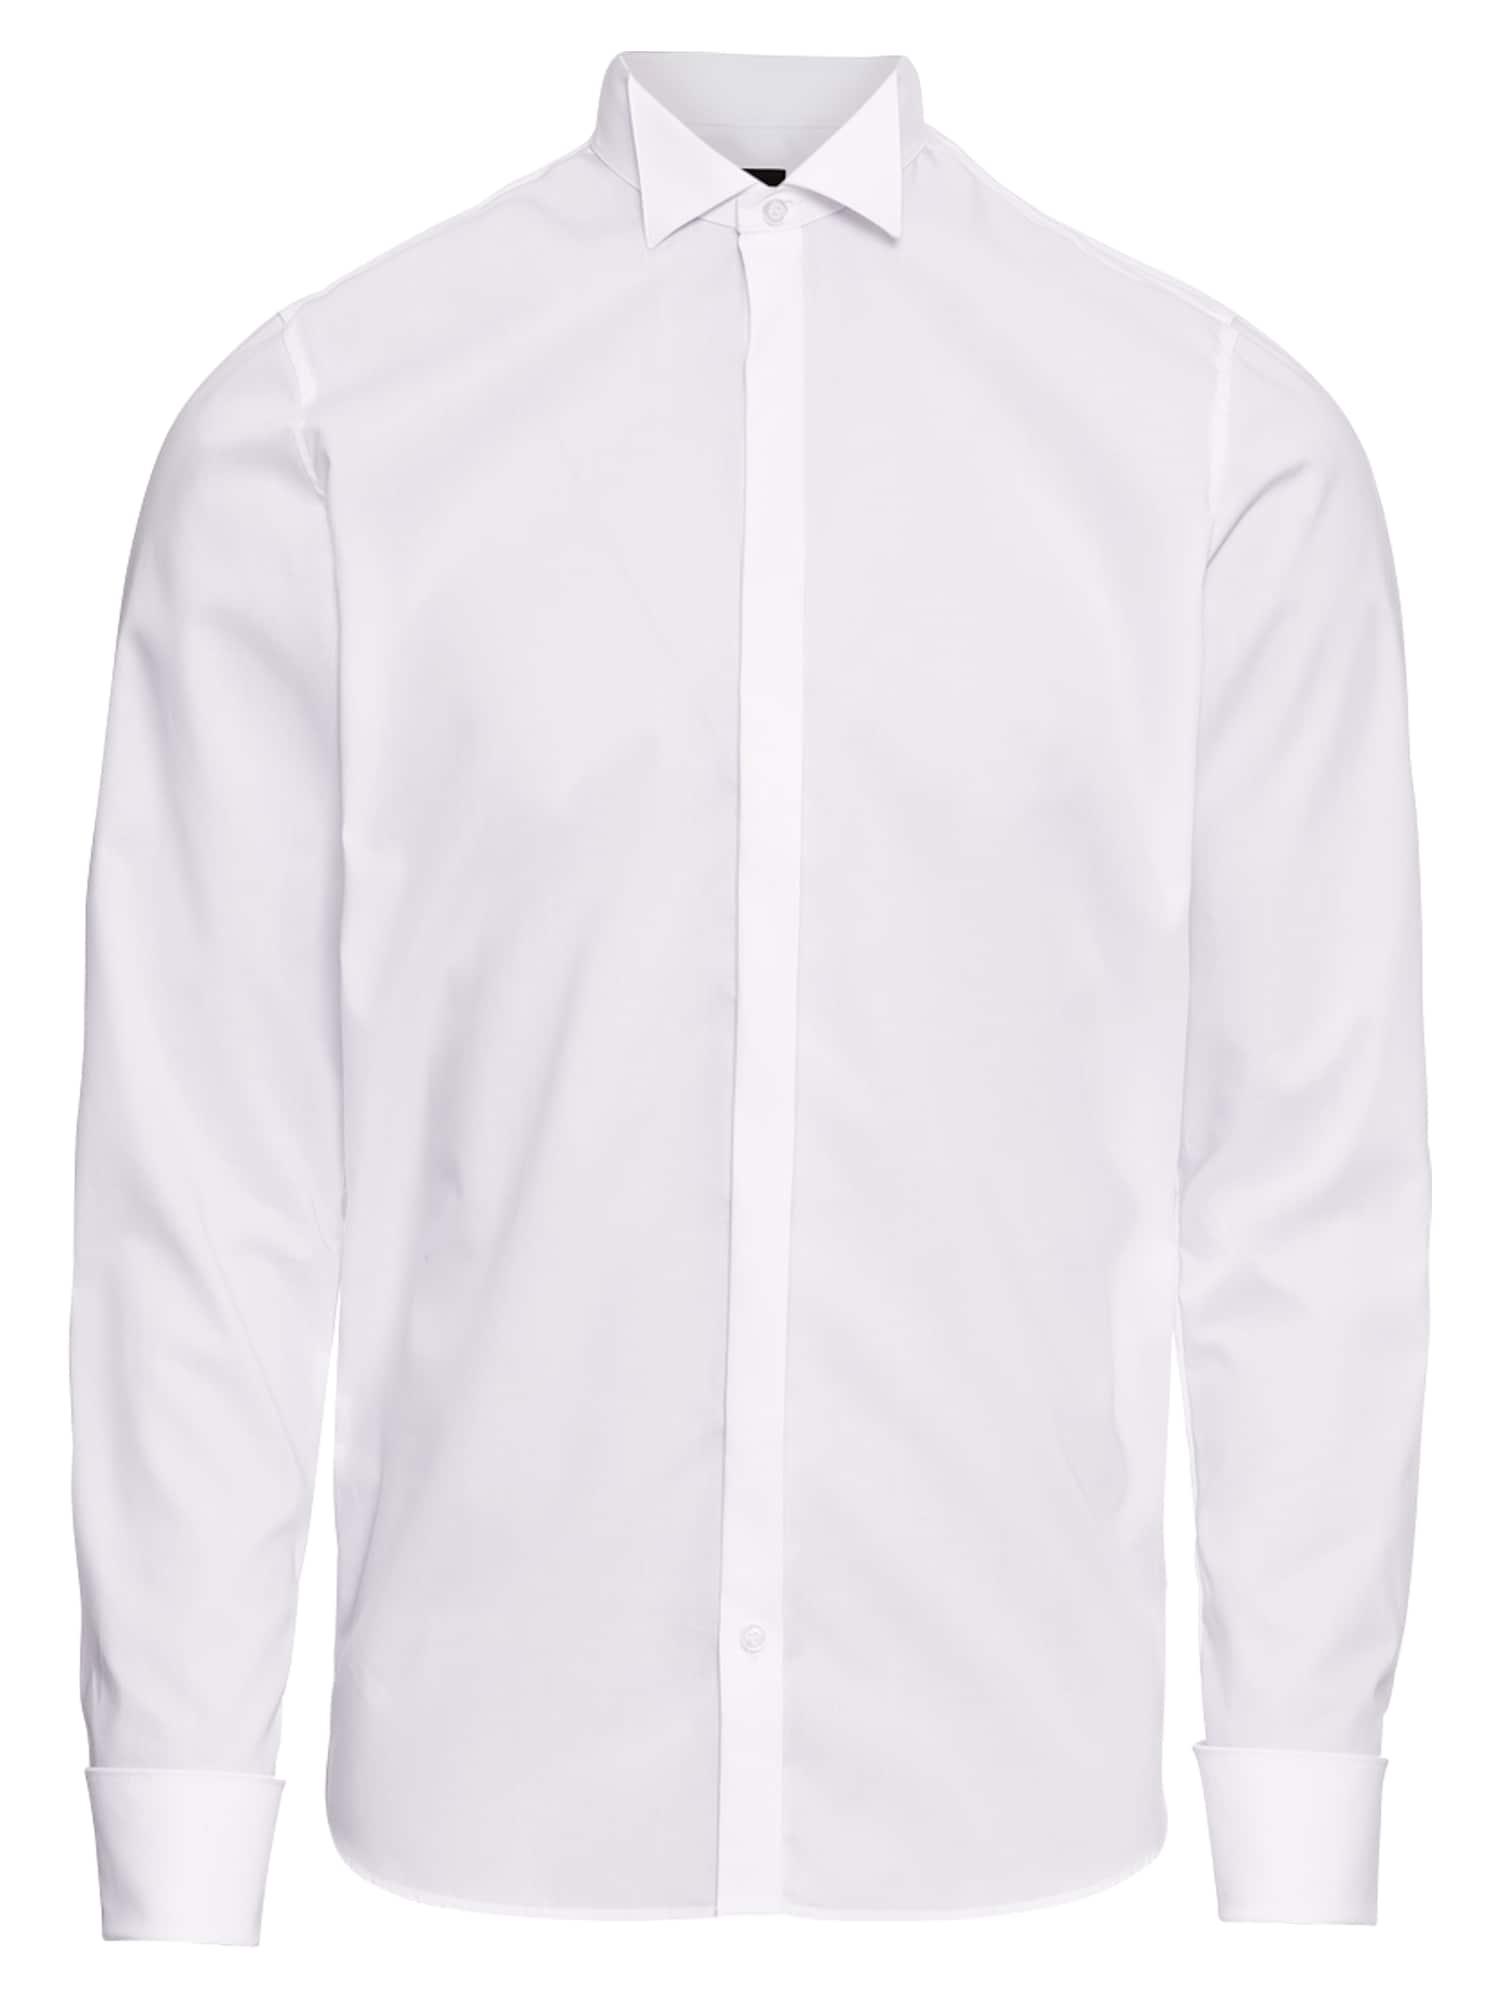 OLYMP Dalykinio stiliaus marškiniai balta